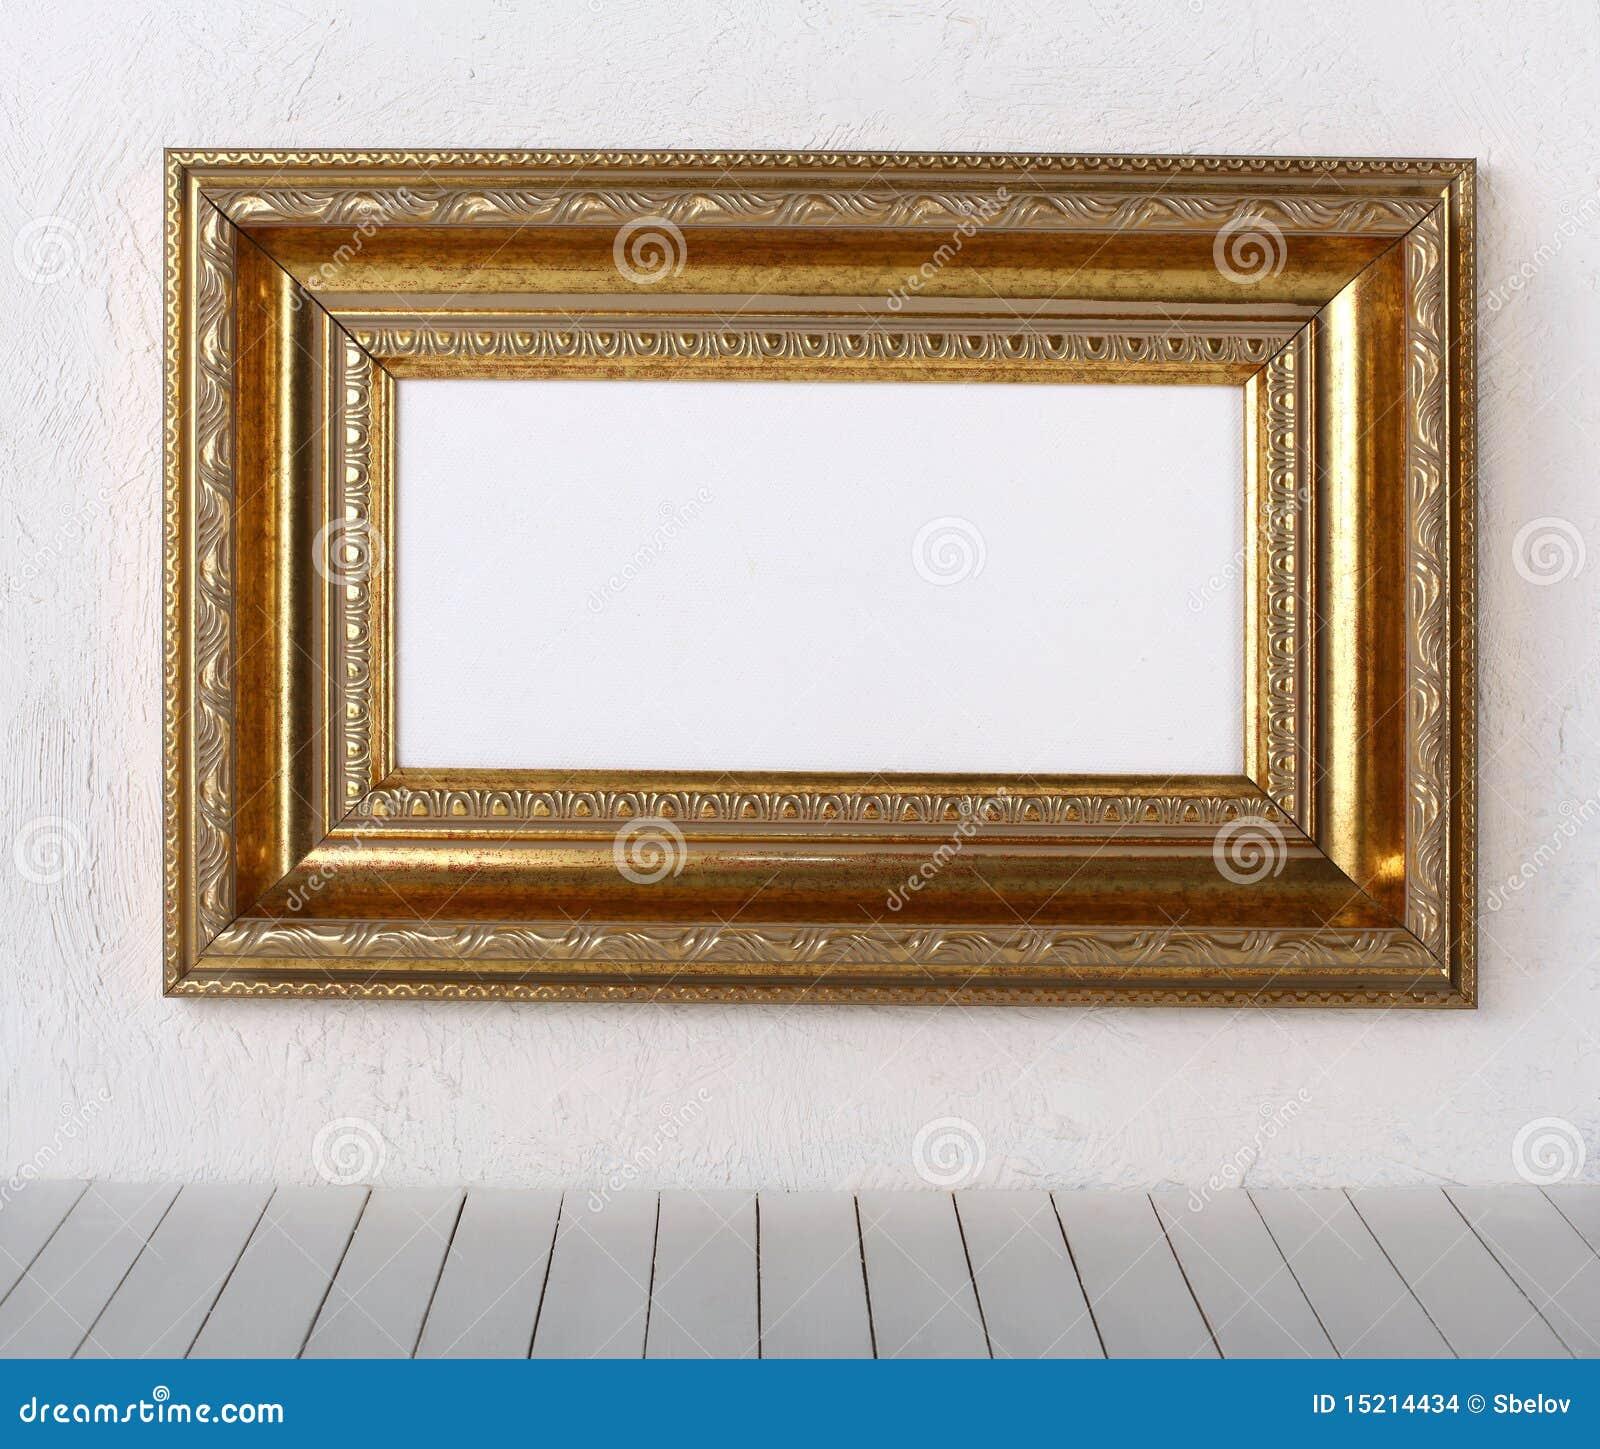 Alter Bilderrahmen Auf Einer Wand Stockfoto - Bild von gold, raum ...